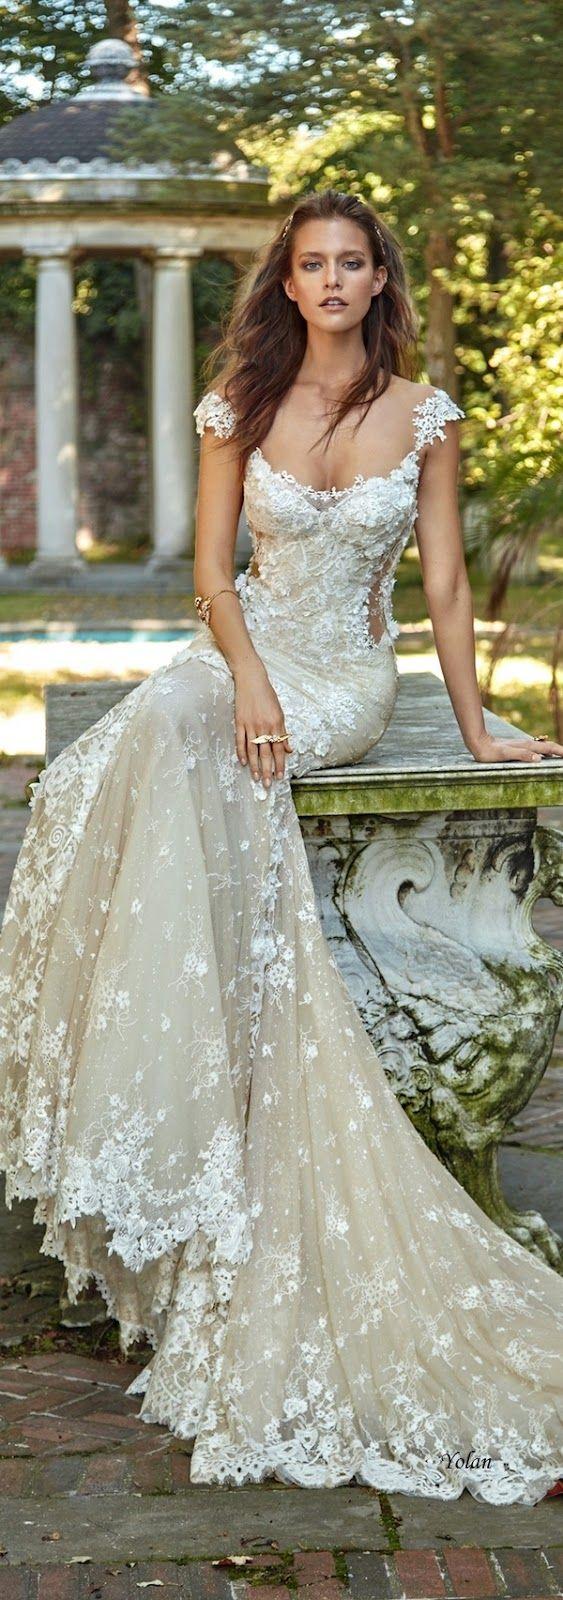 Sueños compartidos : Galia Lahav 2017 Wedding Dresses: